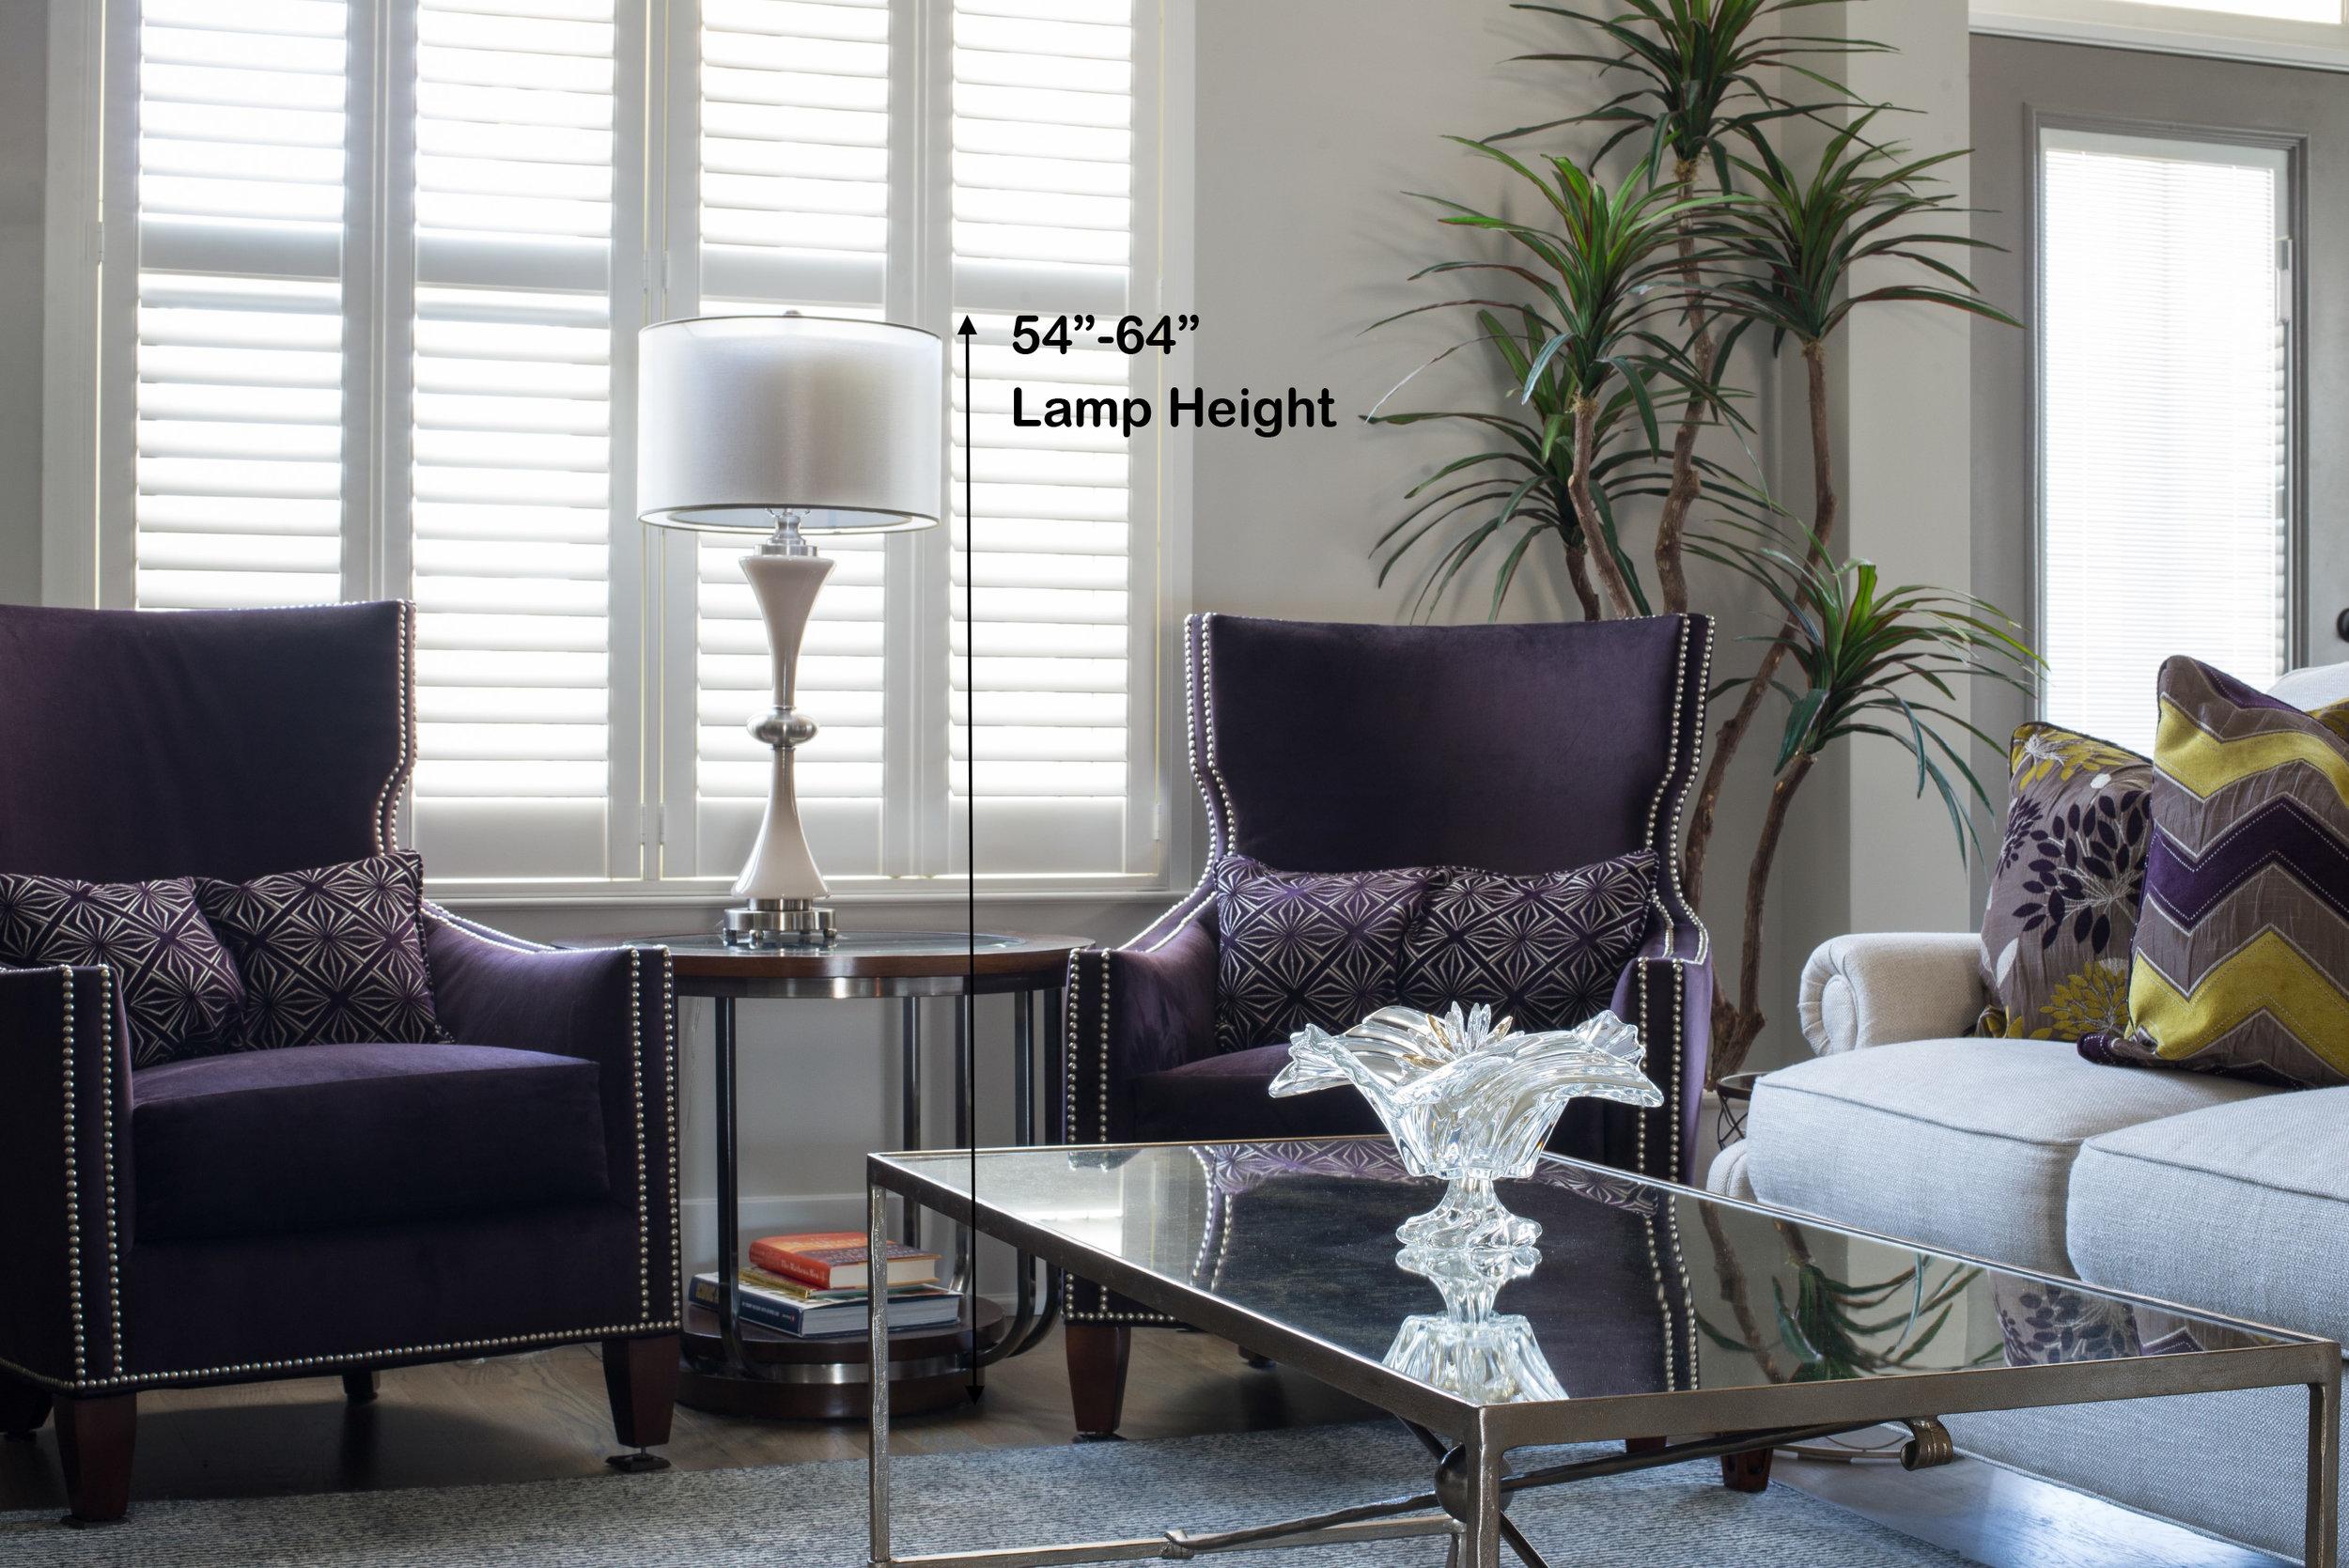 Lamp Height Graphic.jpg